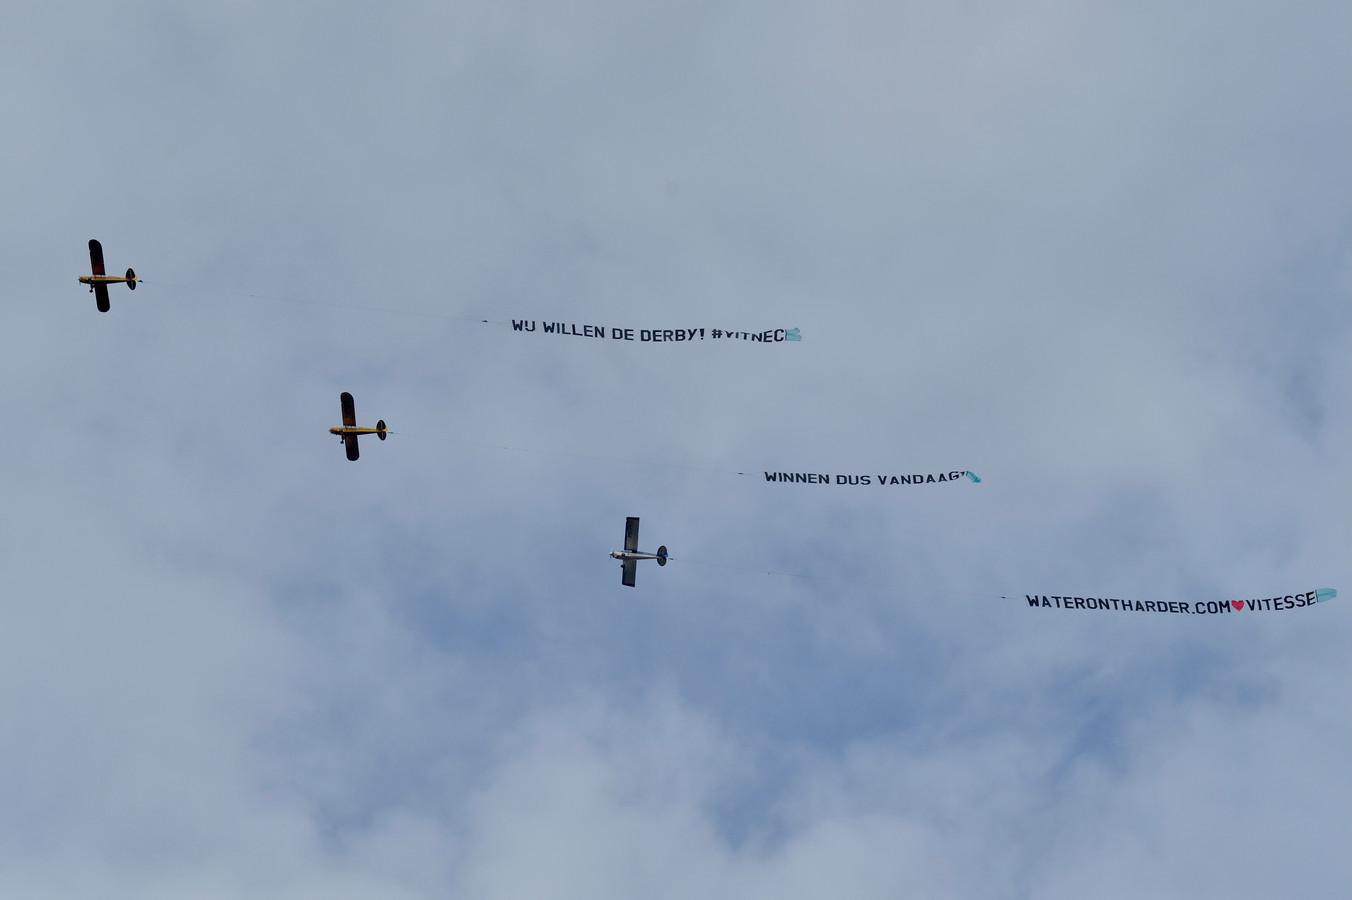 Deze vliegtuigen vlogen vanmiddag over Arnhem, Nijmegen en Almelo. 'Wij willen de derby! #VITNEC - Winnen dus vandaag!'.